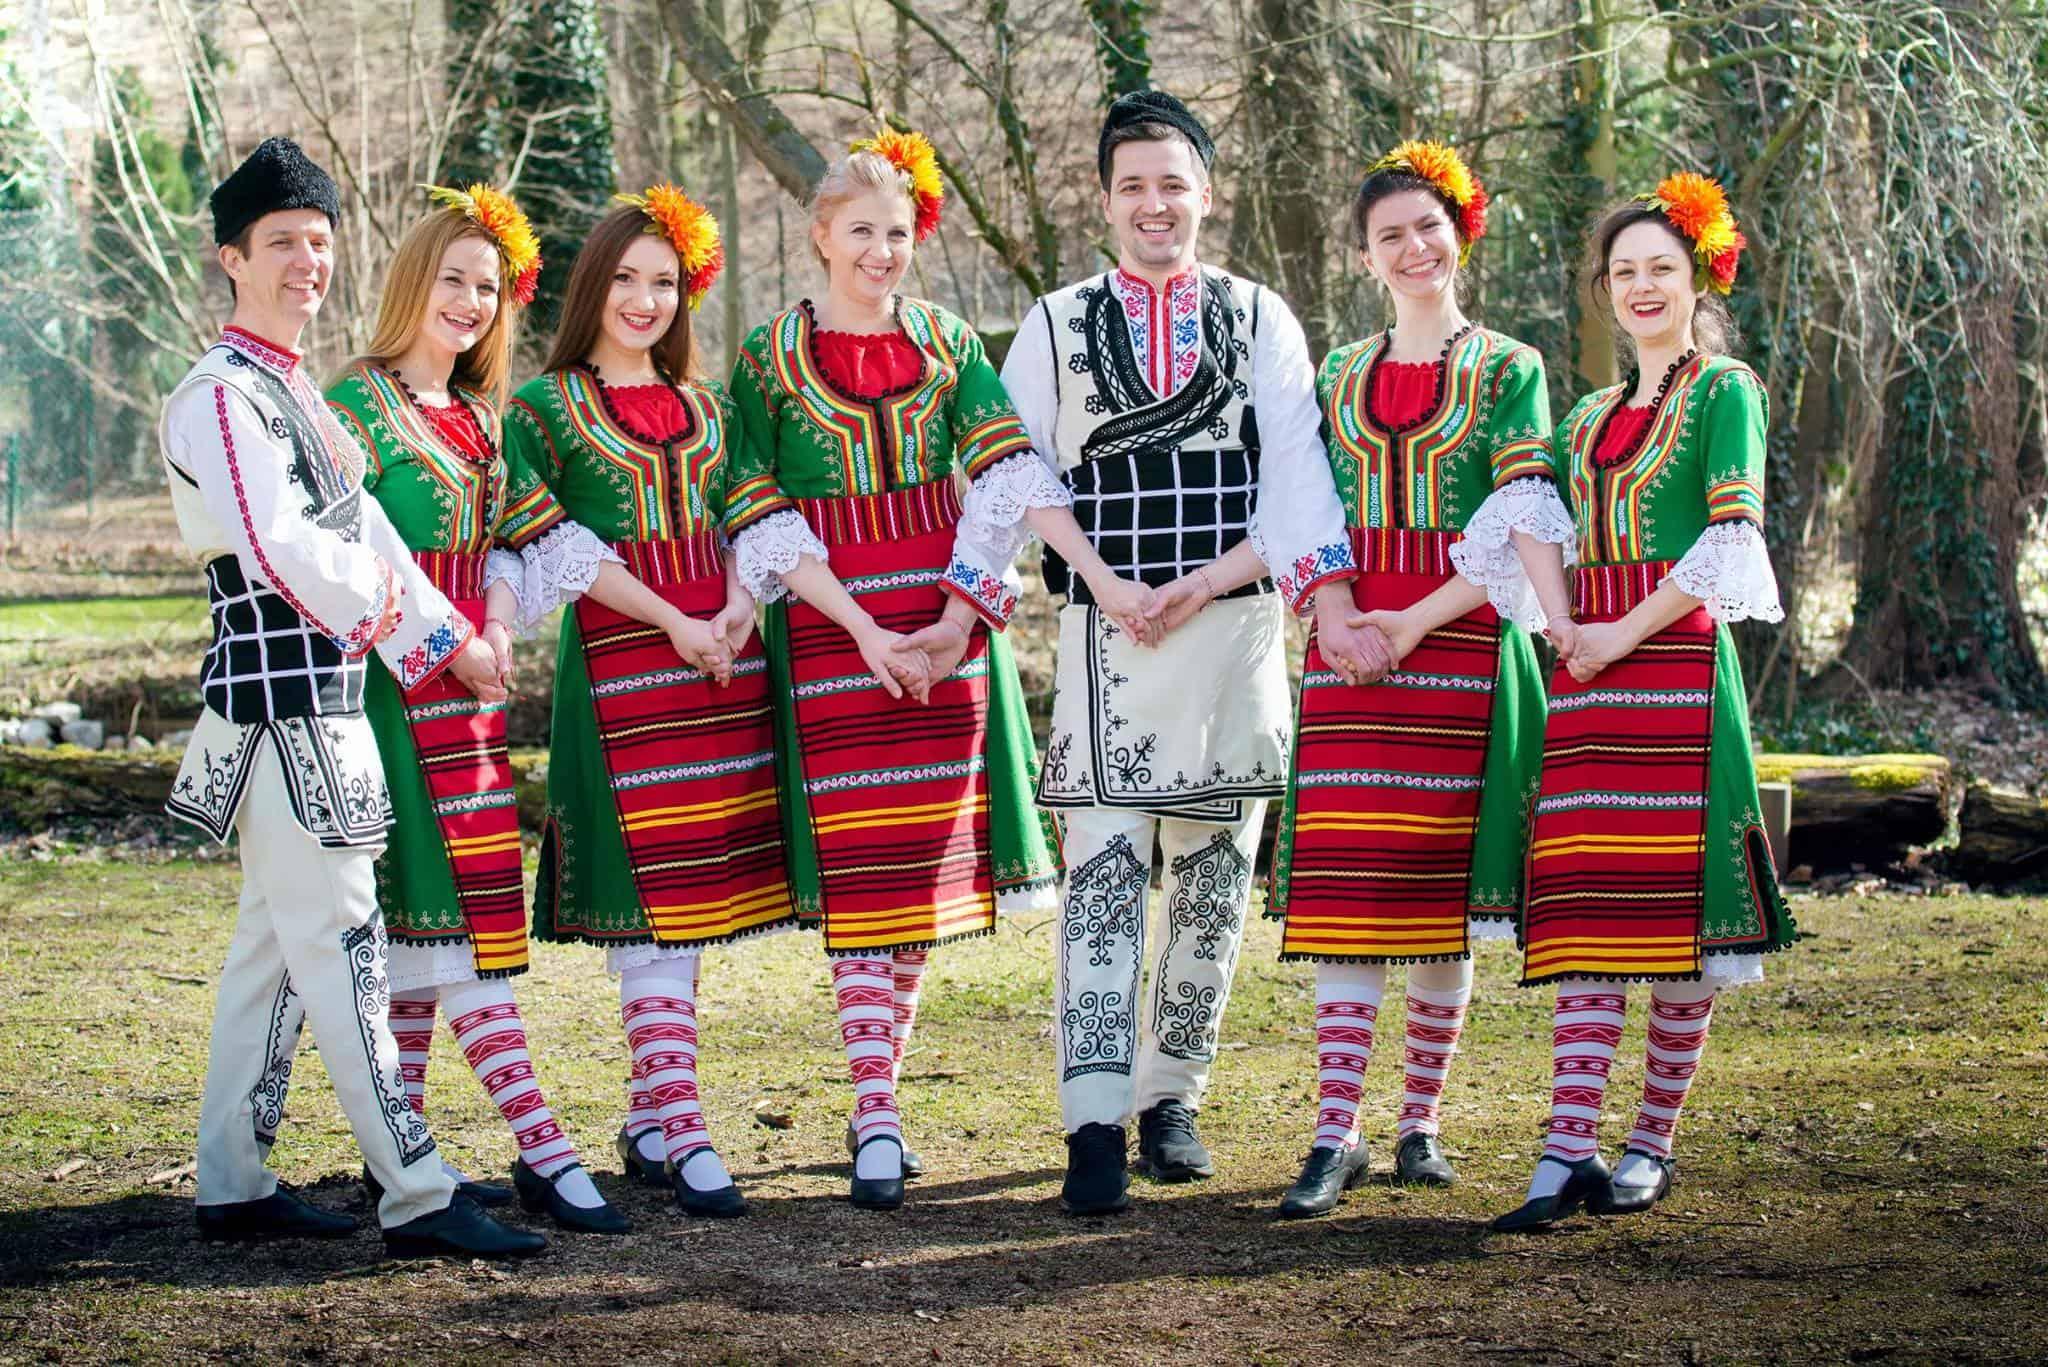 Българска културна вечер в Нюрнбергския регион снимка 5